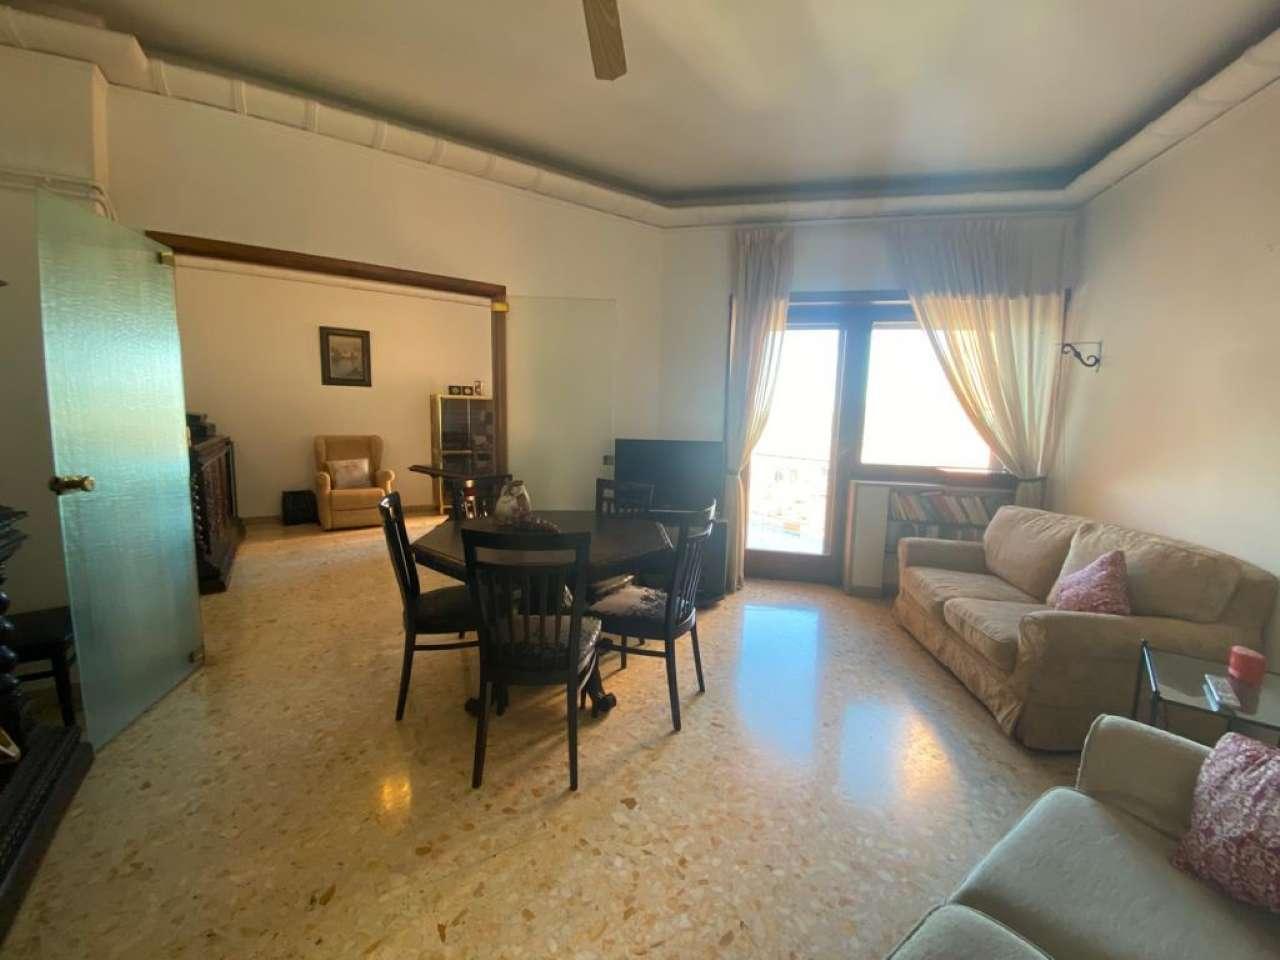 Appartamento, Via Francesco Cilea, Zona Vomero, Napoli, foto 1